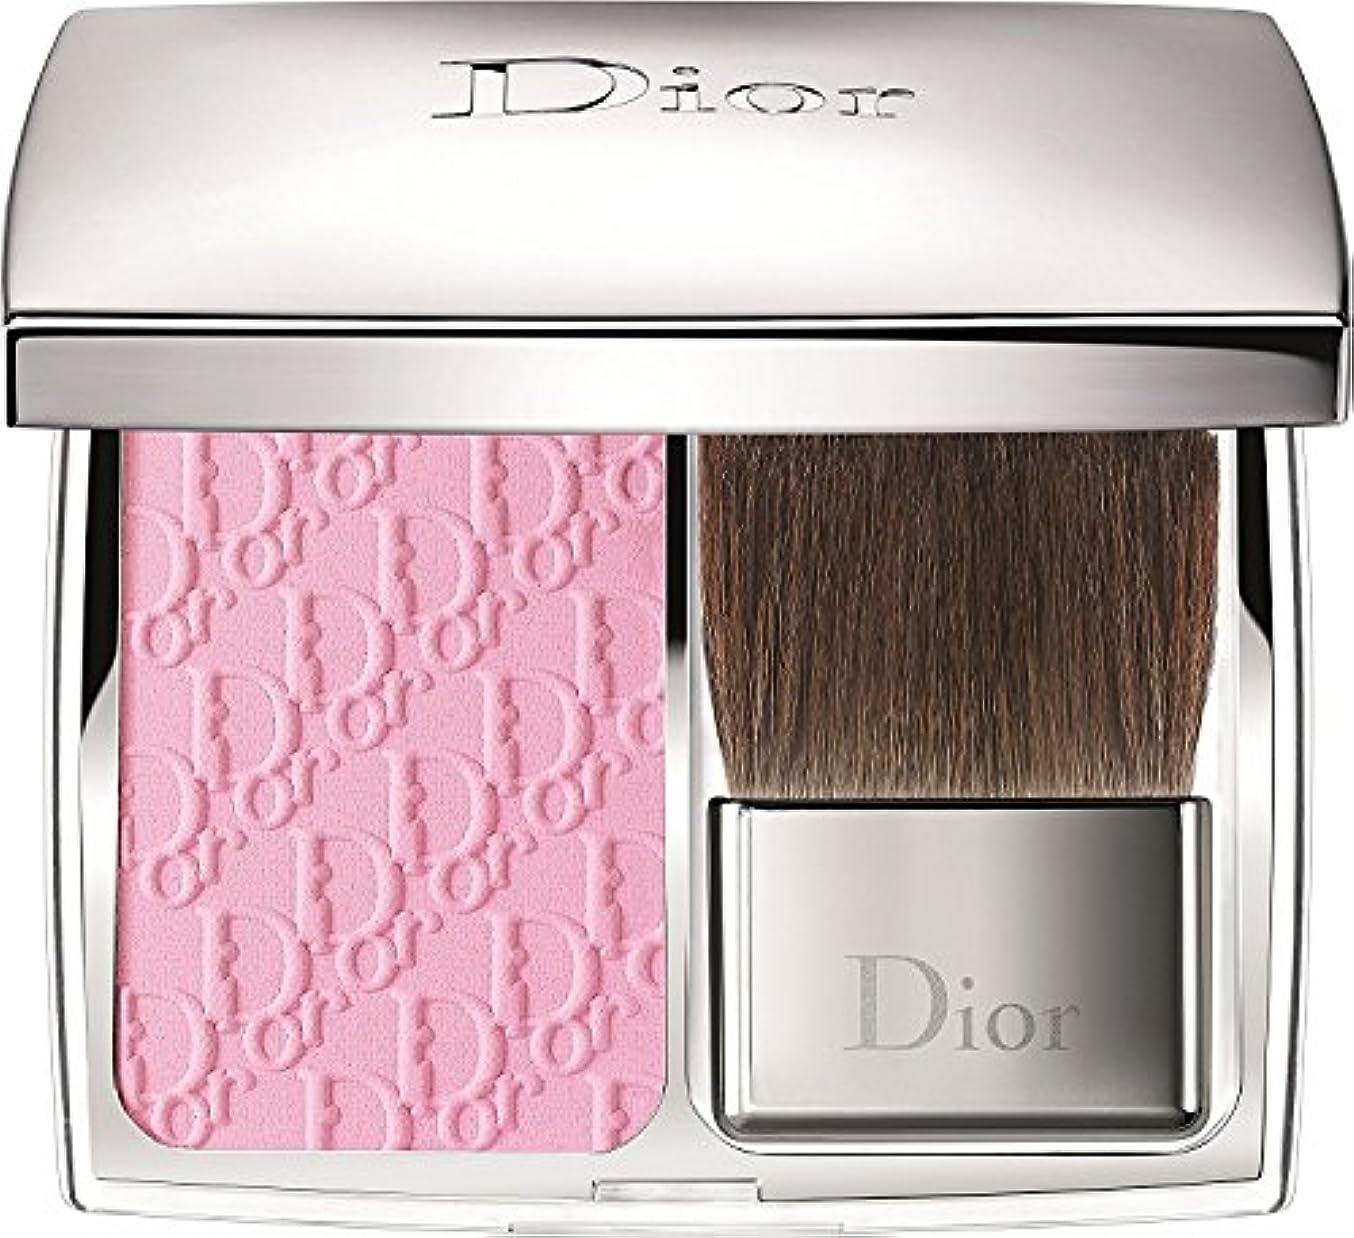 の面ではかすかな発揮するクリスチャン ディオール Christian Dior ディオールスキン ロージー グロウ 001